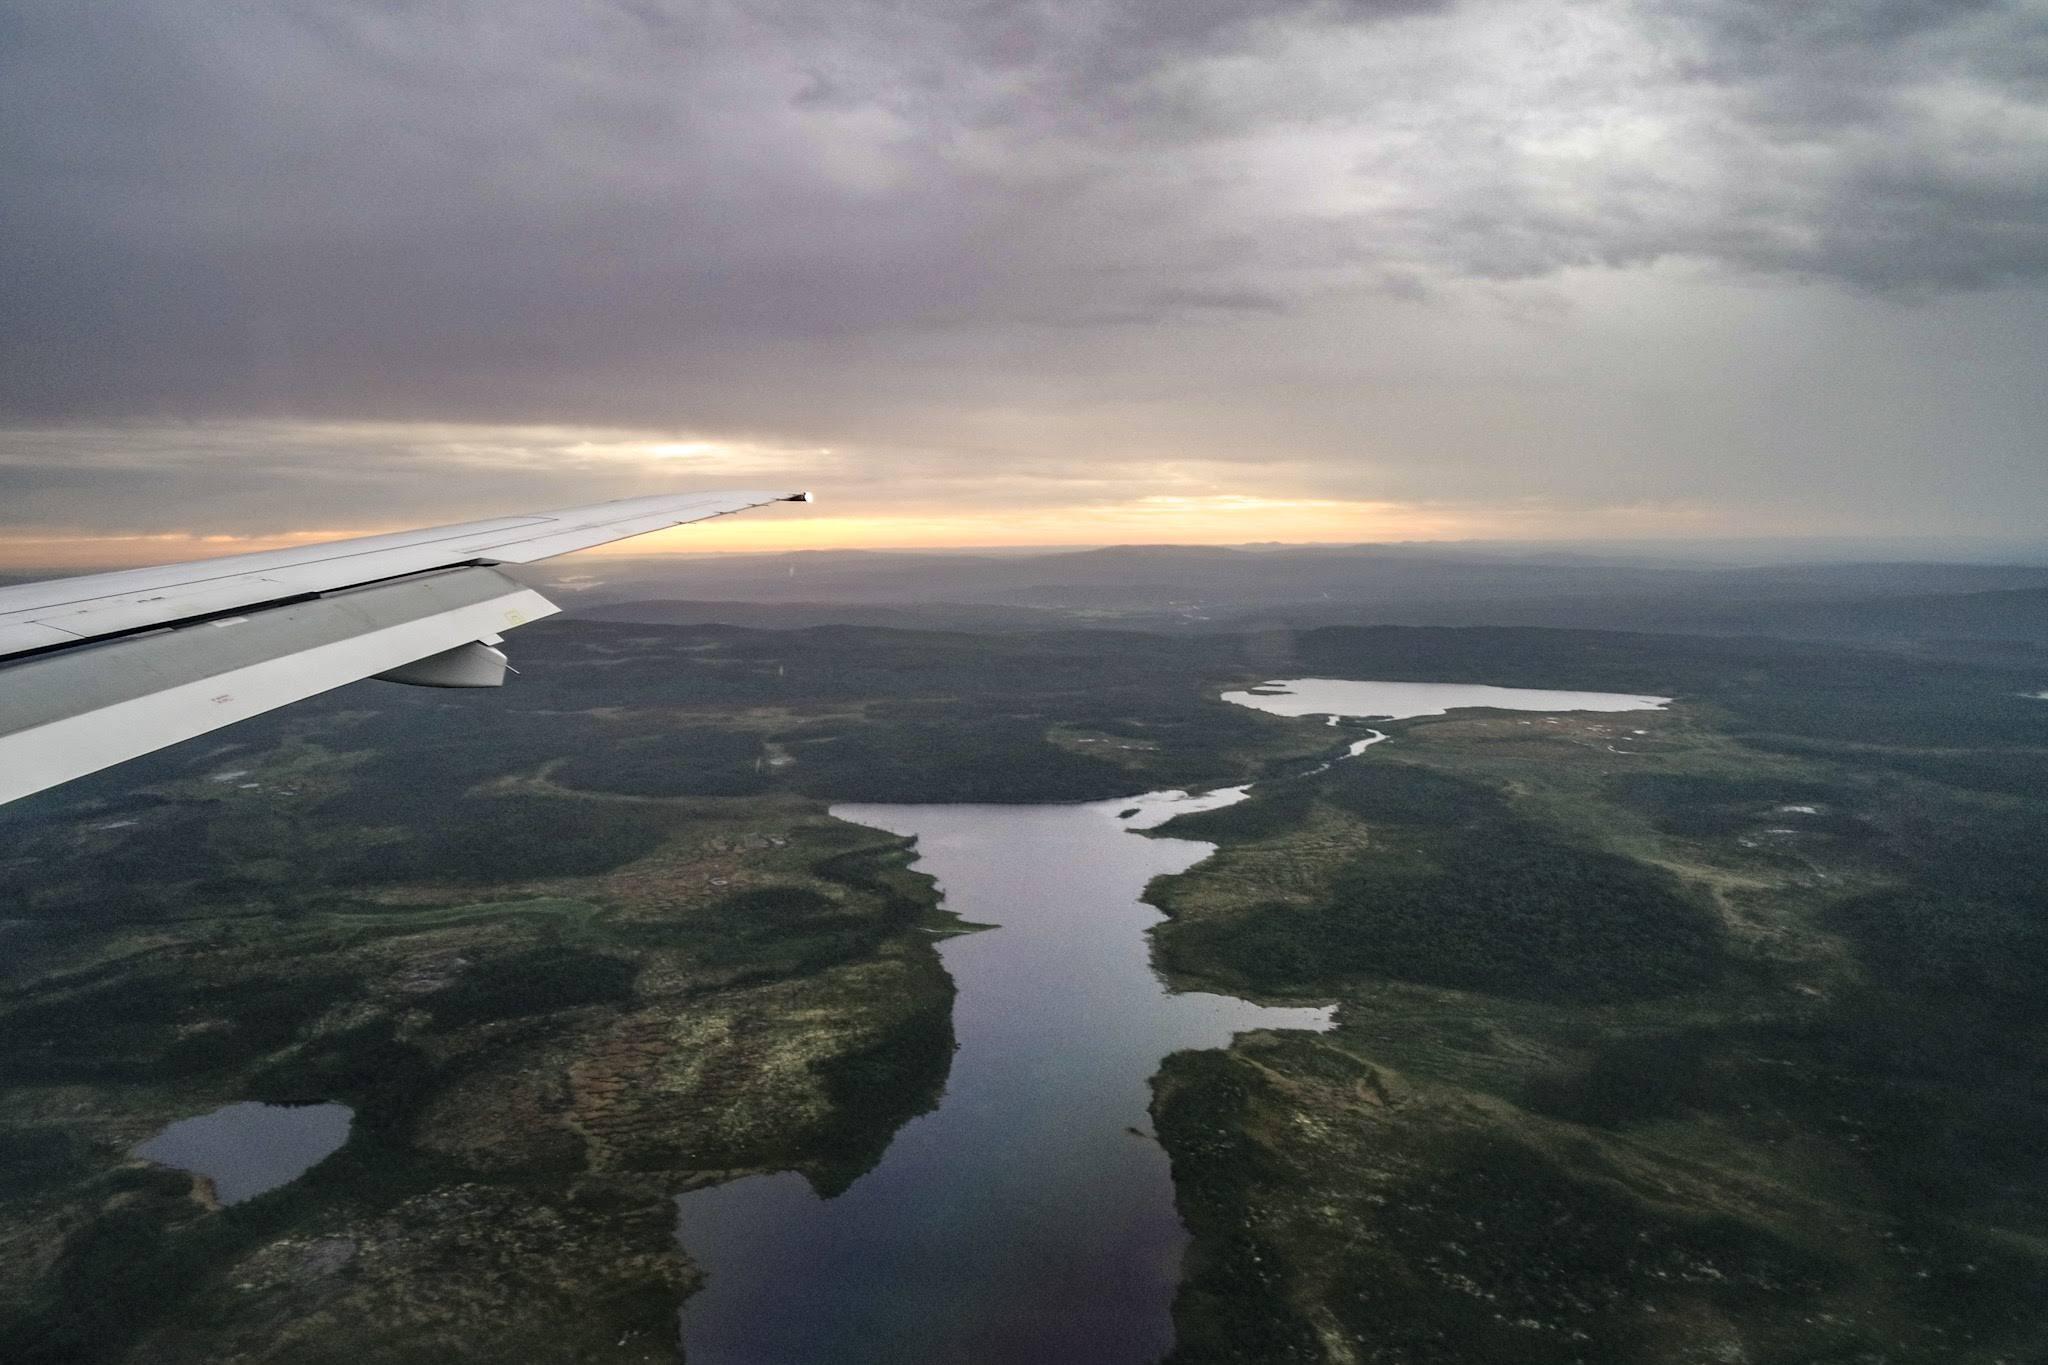 가자, 북극 러시아! - 드넓은 툰드라의 땅, 콜라 반도